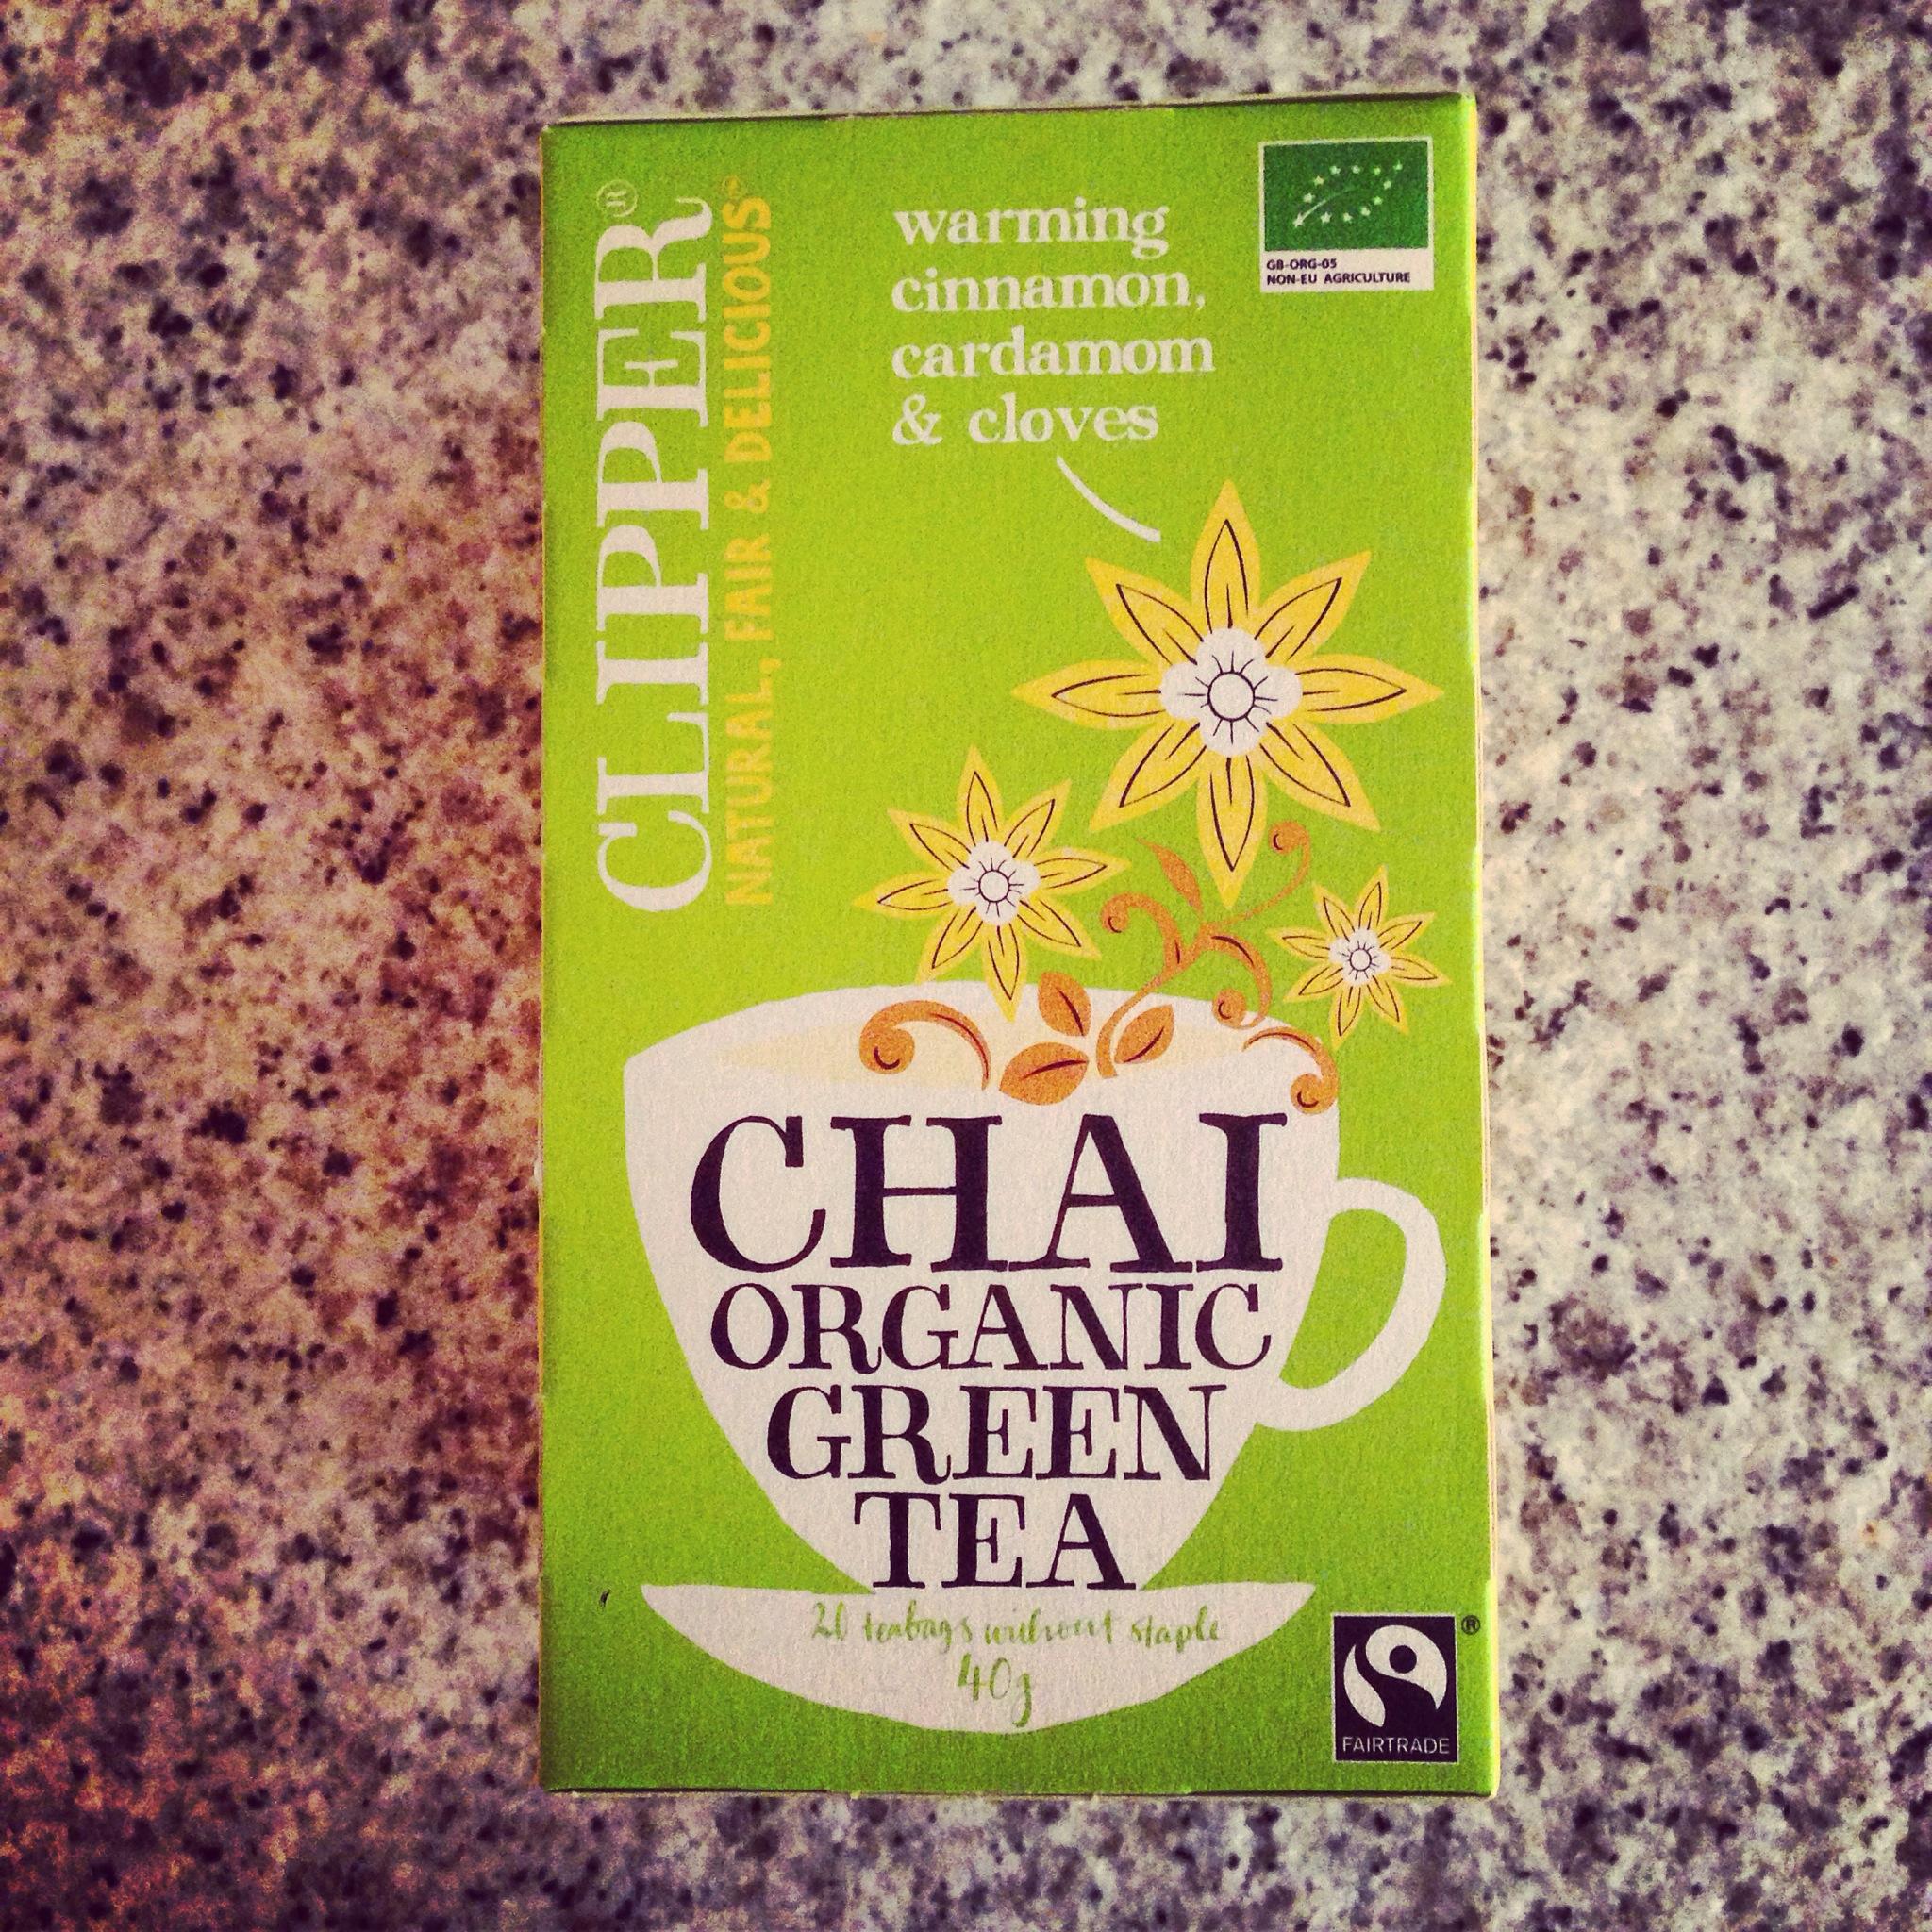 Clipper Tea Natural Fair and Delicious. Chai Organic Green Tea.